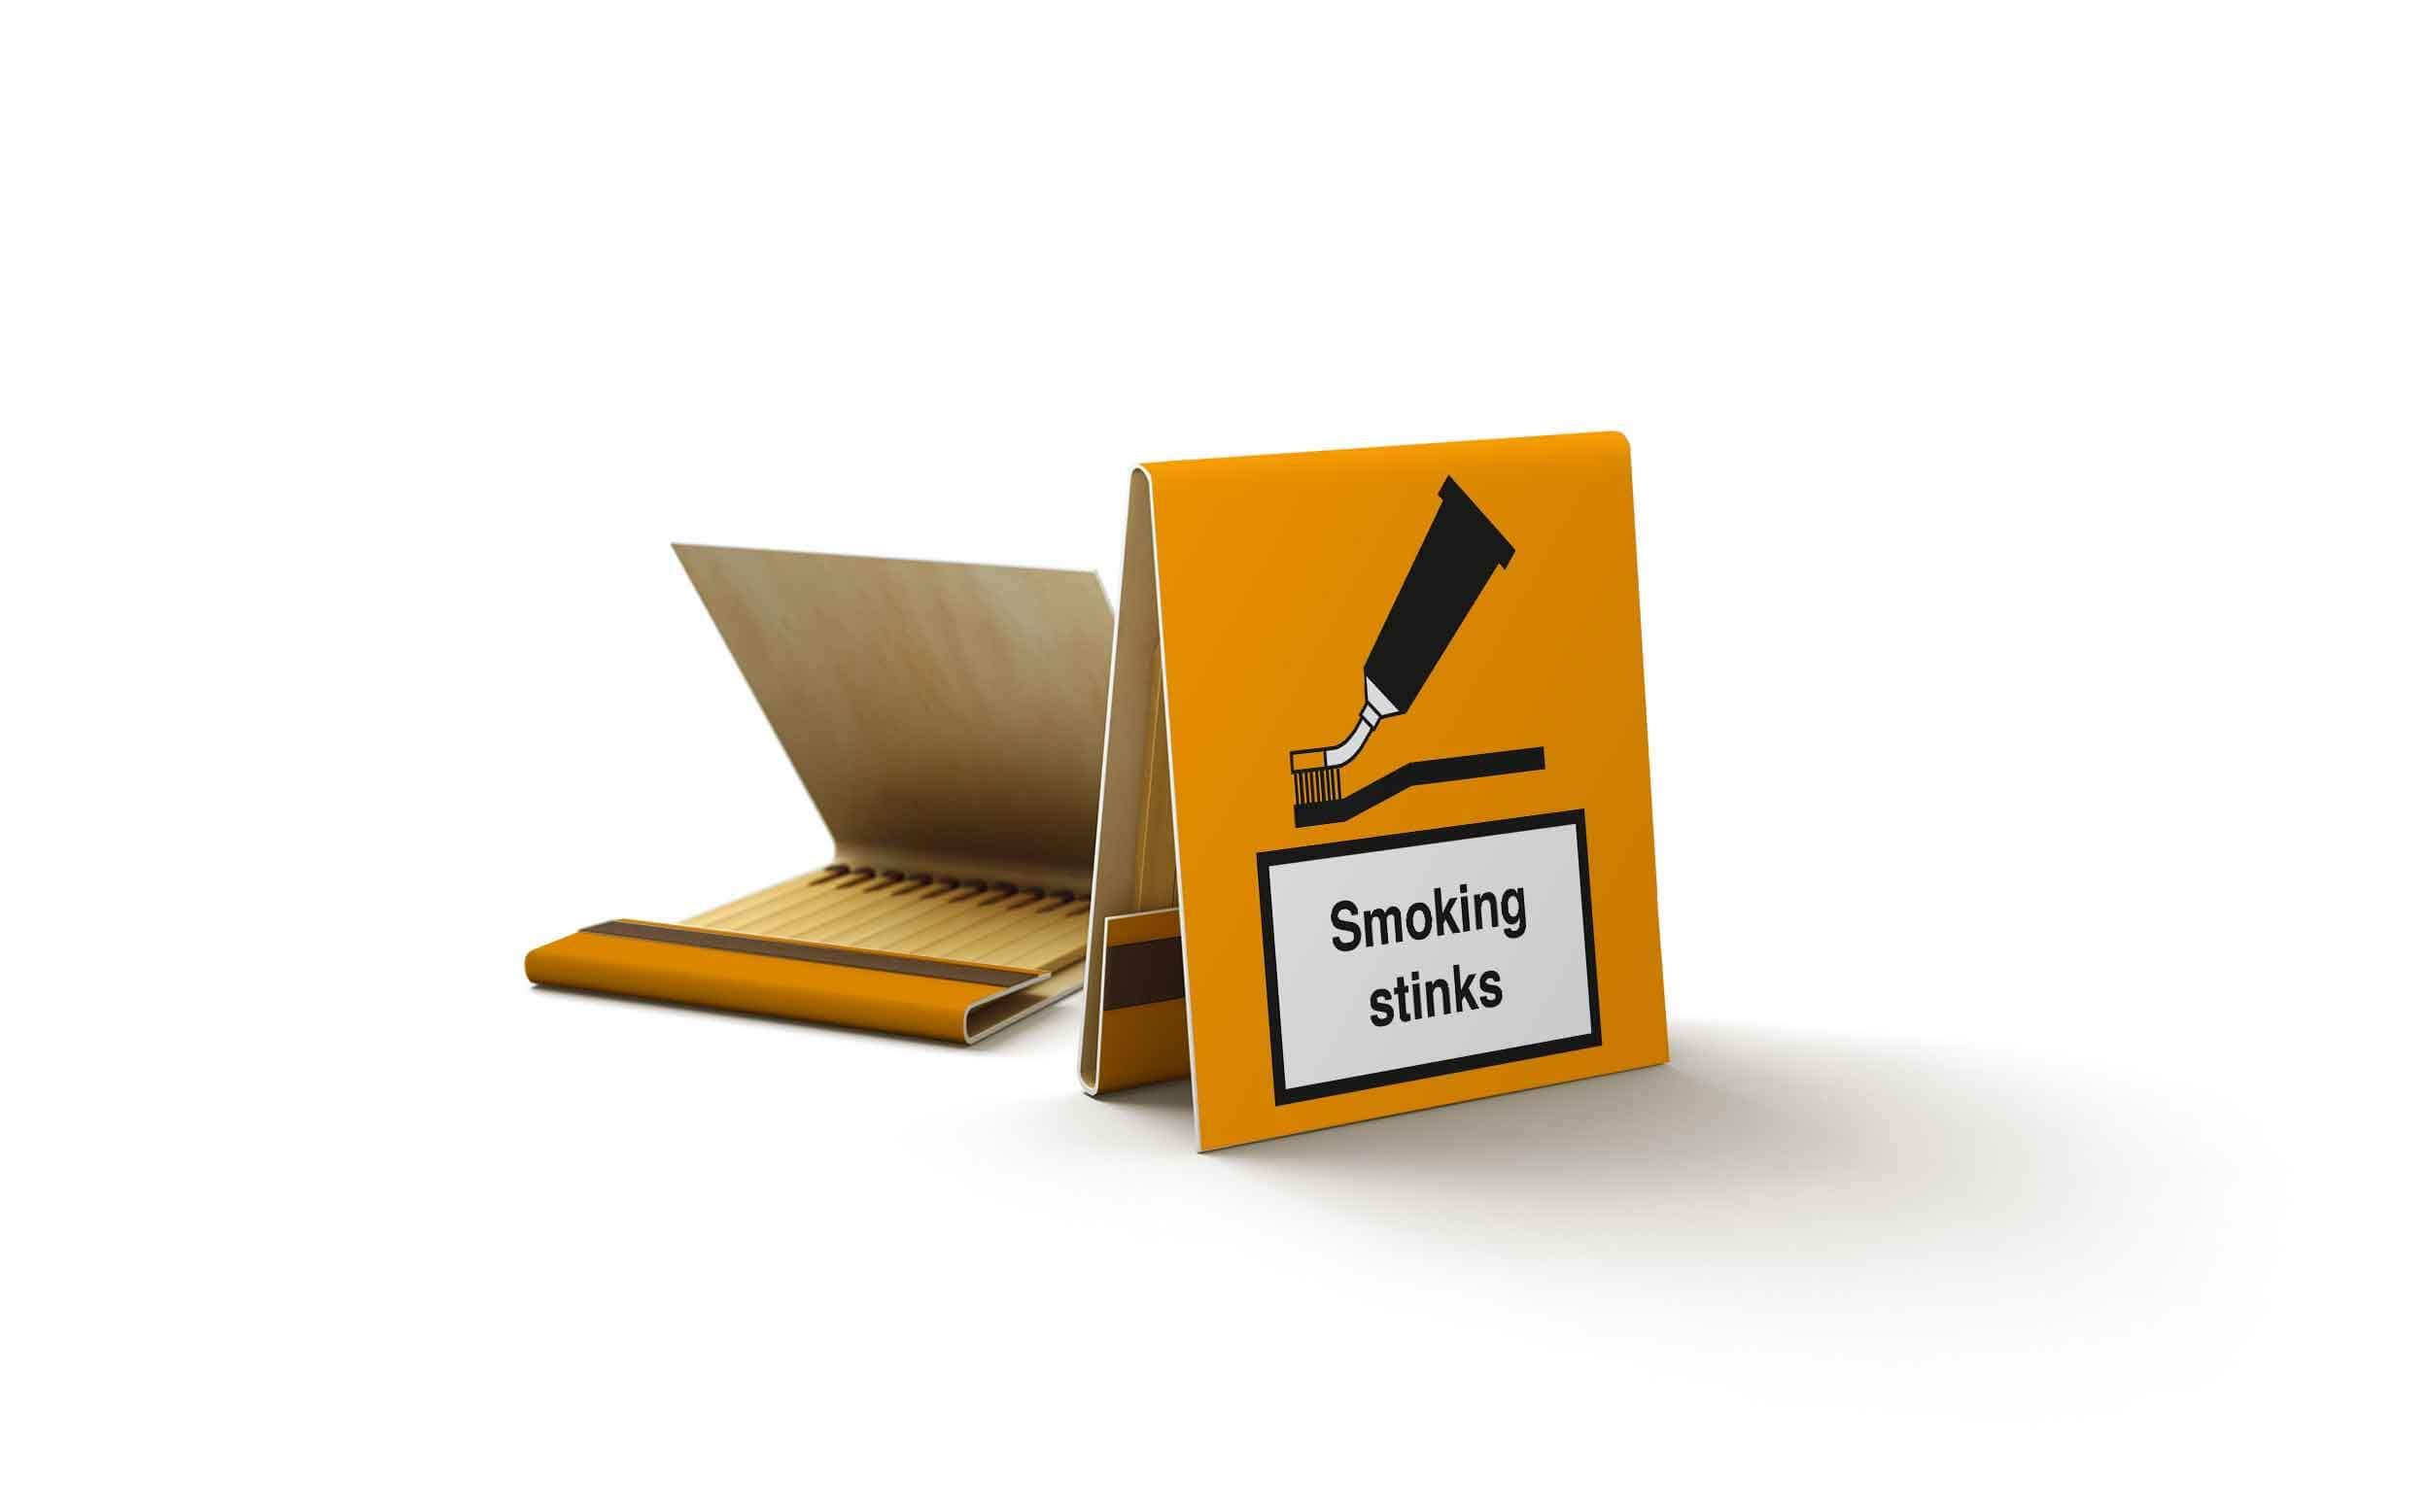 bedruckte Zundholzschachteln für raucher